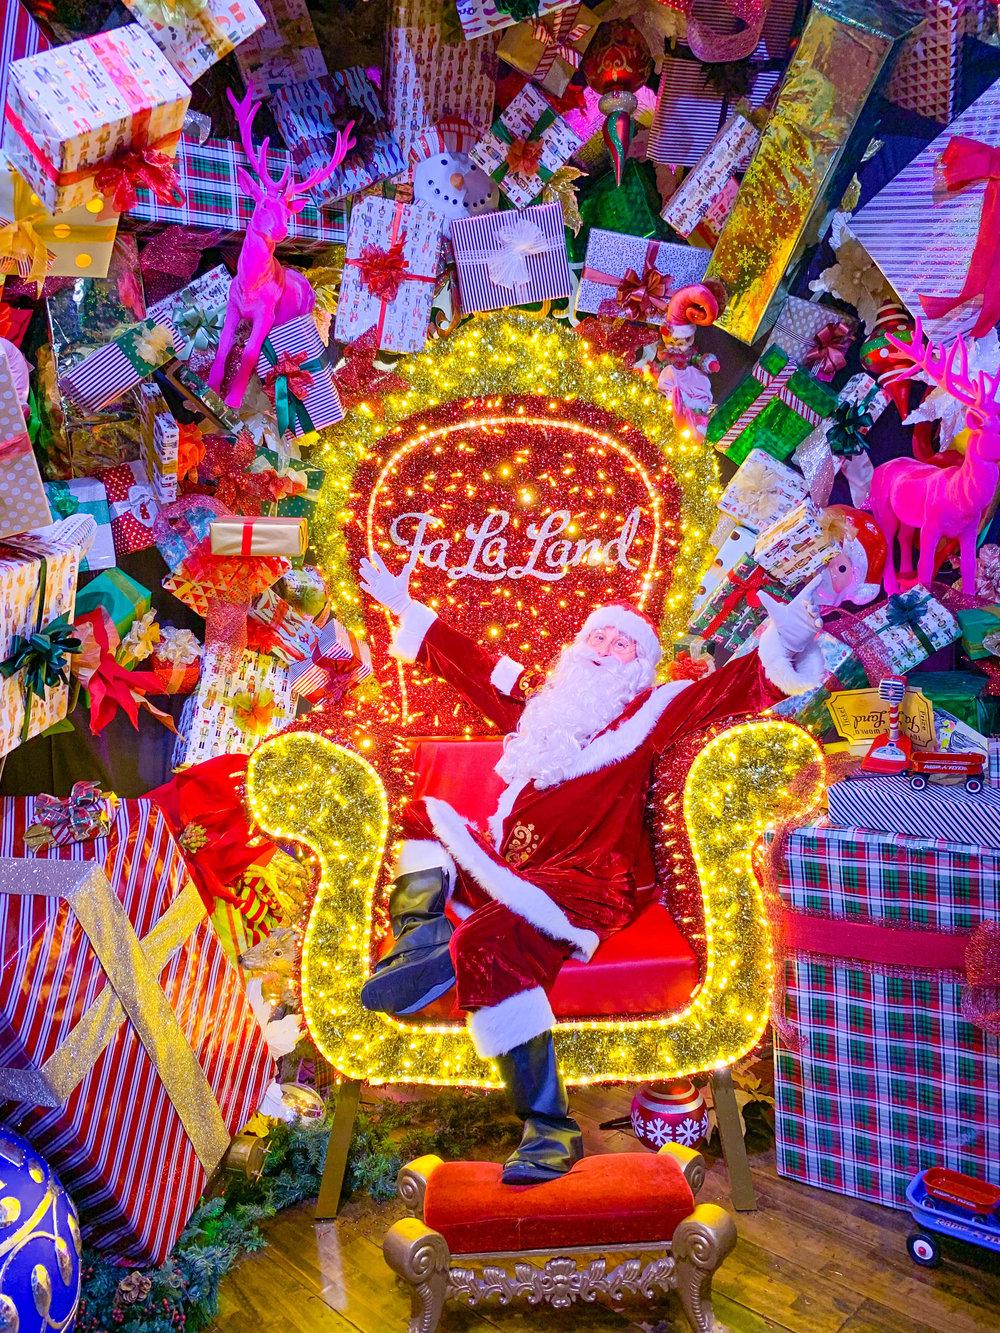 Fa La Land Pop Up Los Angeles- Santa Claus